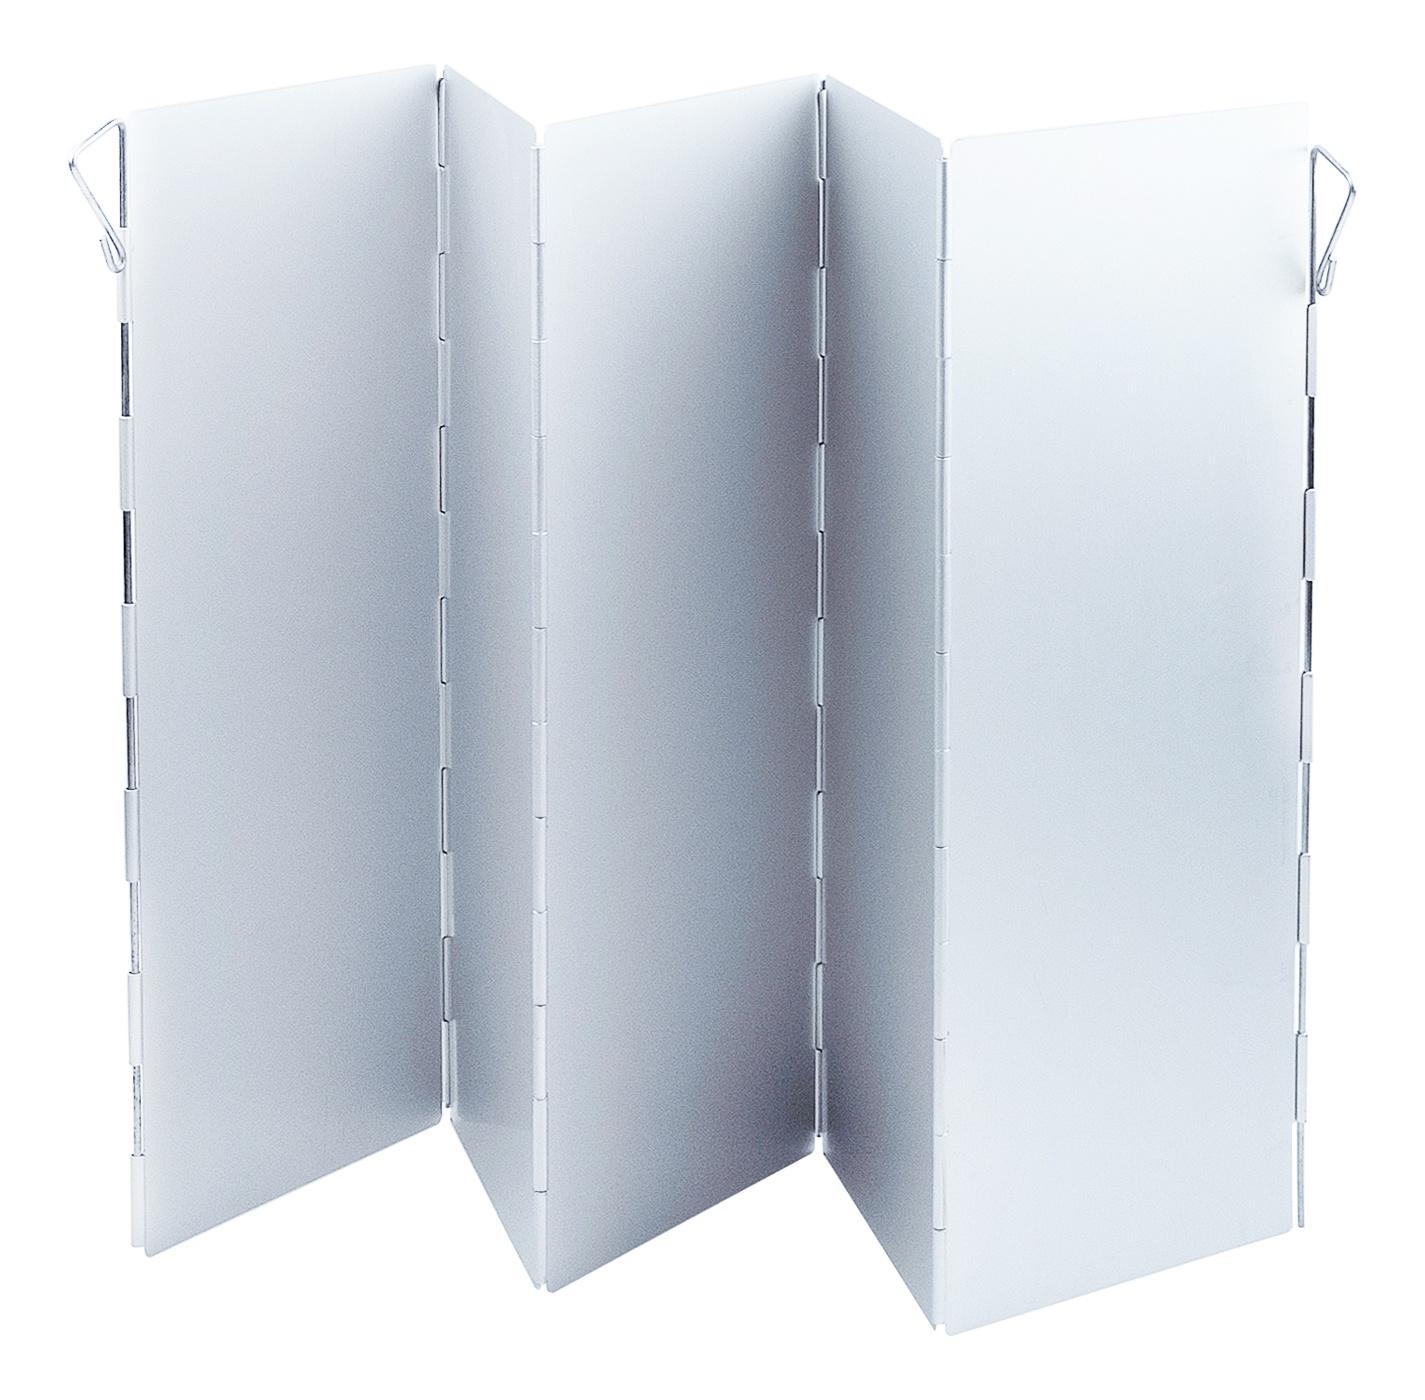 Фото - Ветрозащитный экран Ecos WS1-6002 кухня мобильная camping world karelia чехол размер 172х48х79 5см два подвесных шкафчика дополнительный экран для защиты от ветра и разбрызгивания